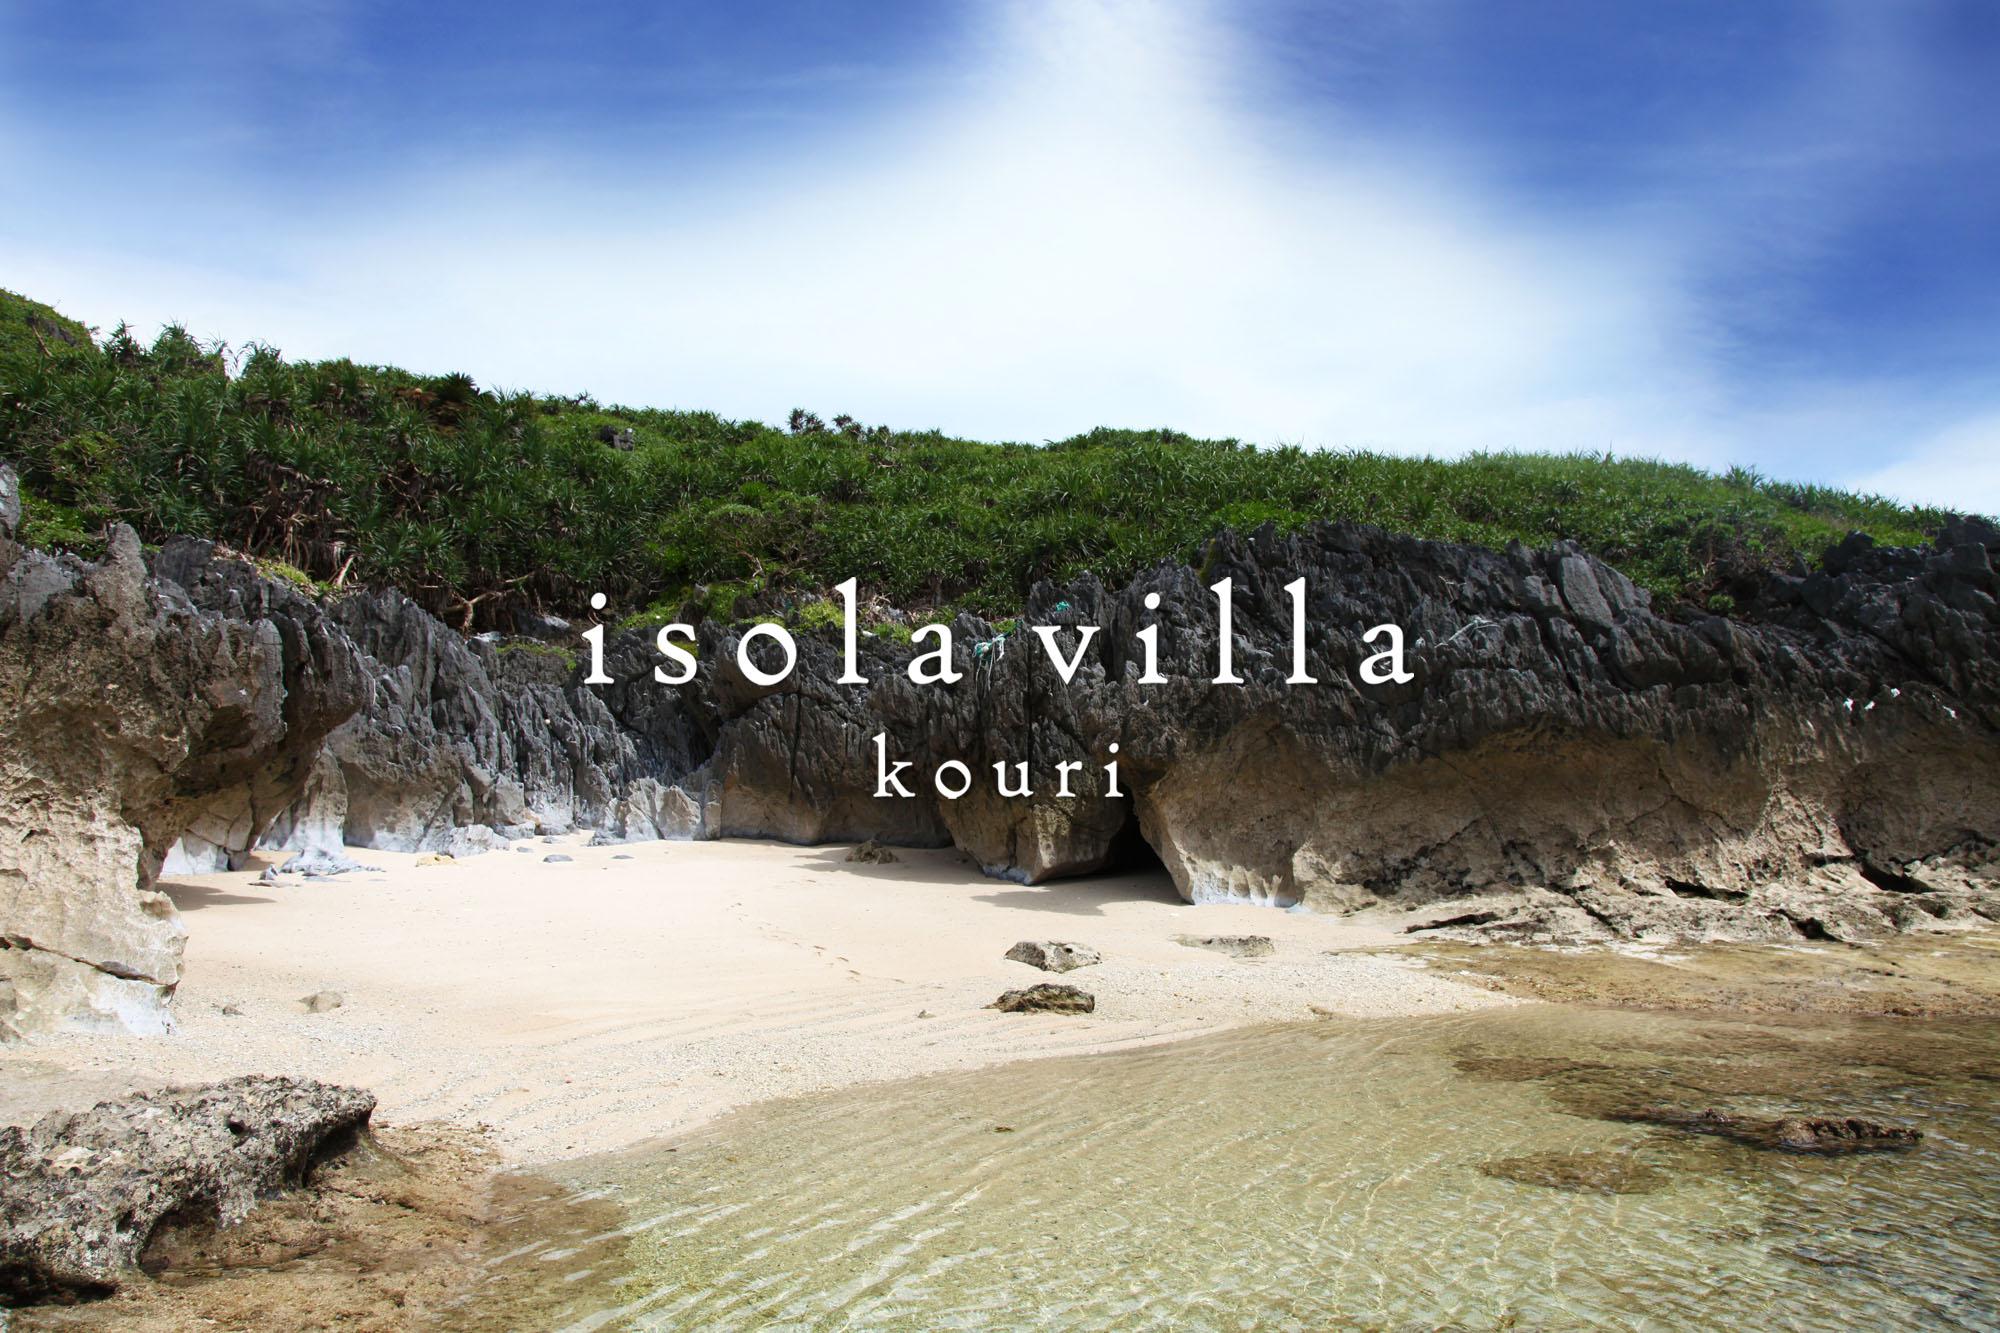 沖縄・古宇利島 隠れ家プライベートホテル isola villa kouri(イゾラヴィラコウリ)